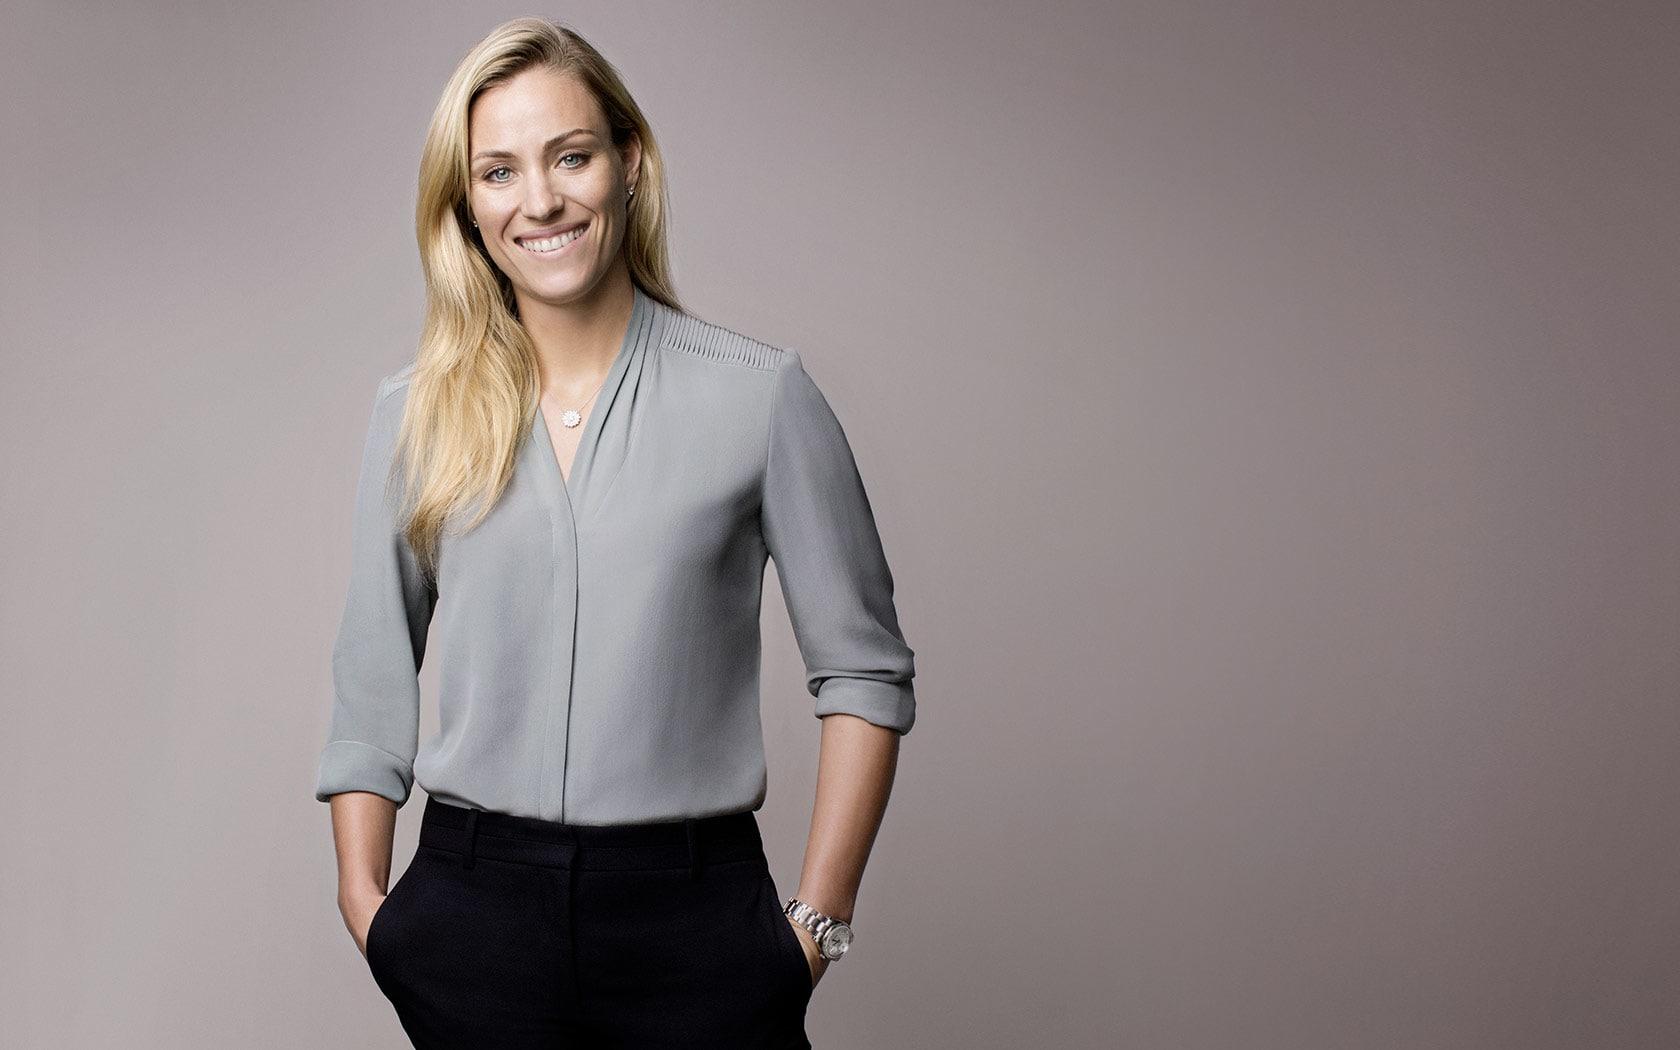 Tennis star and Wimbledon winner Angelique Kerber is a Rolex brand ambassador.